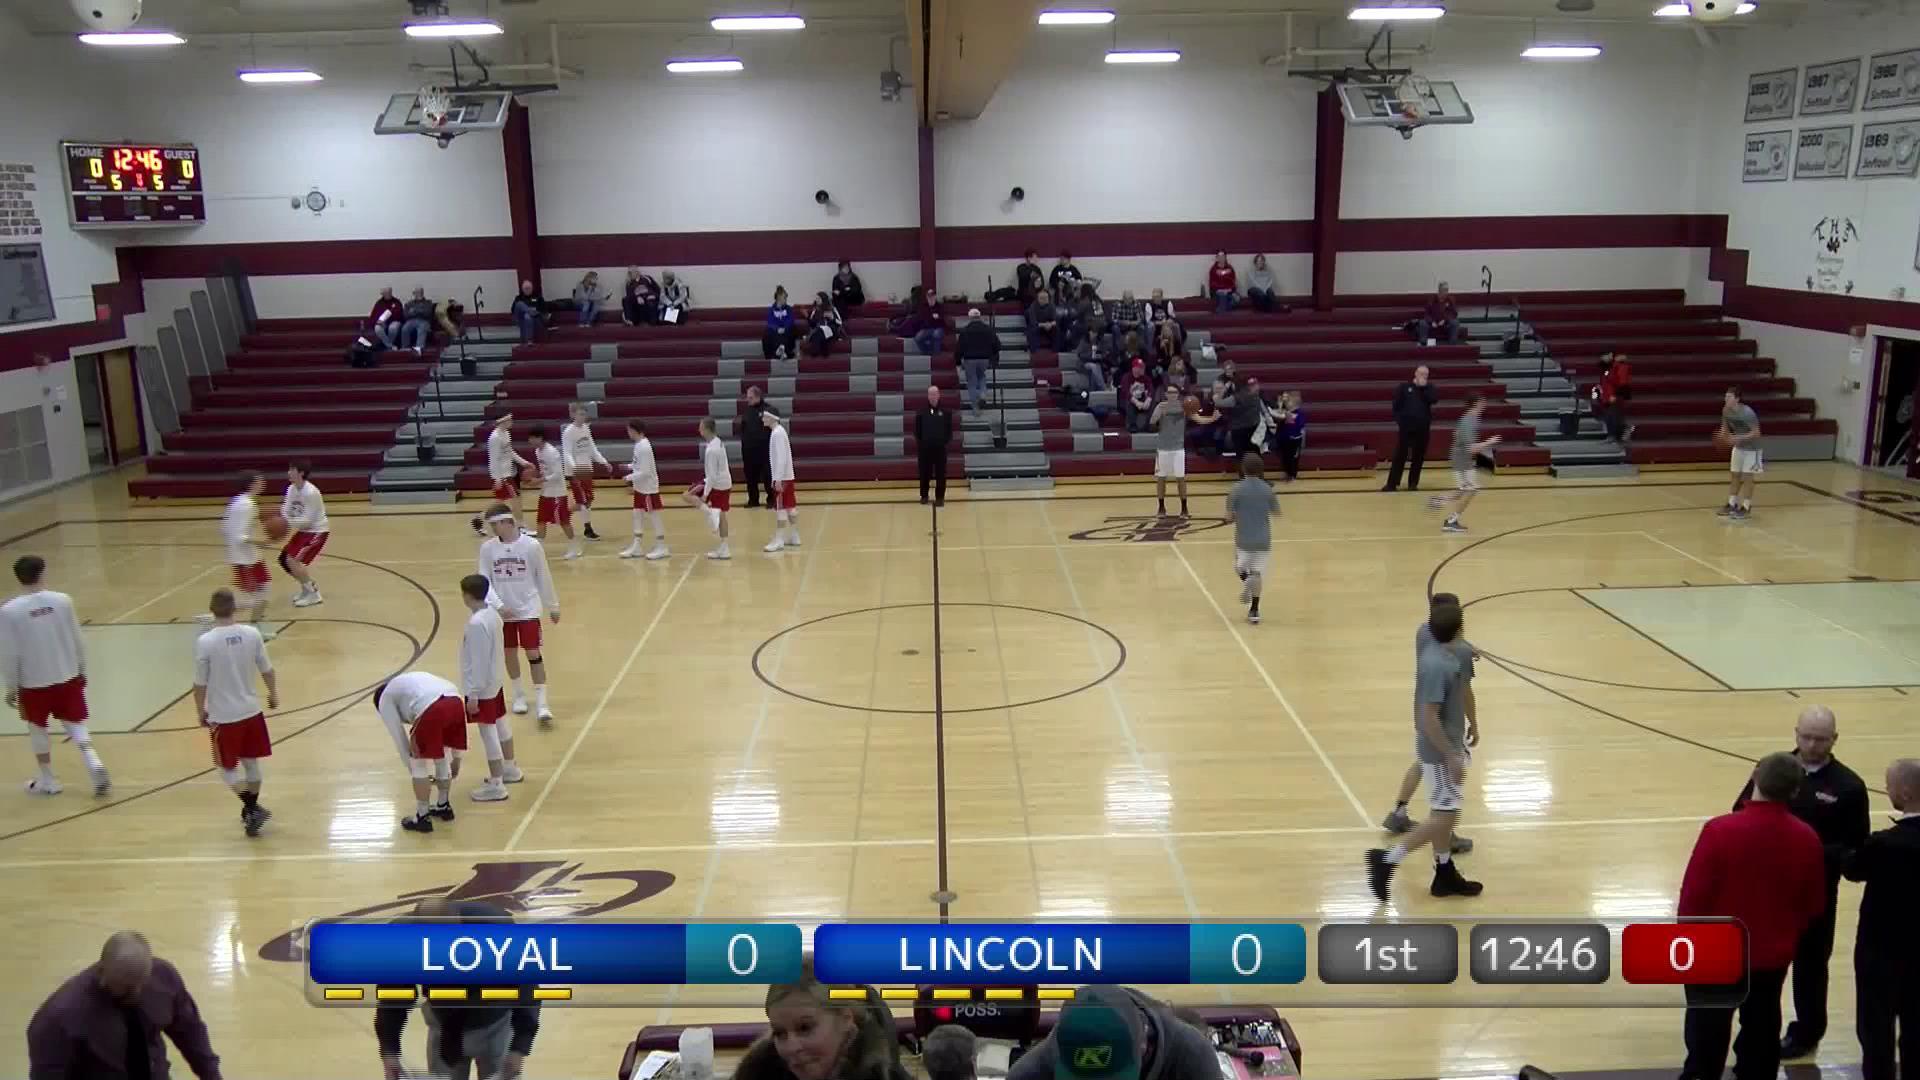 BBB Lincoln at Loyal